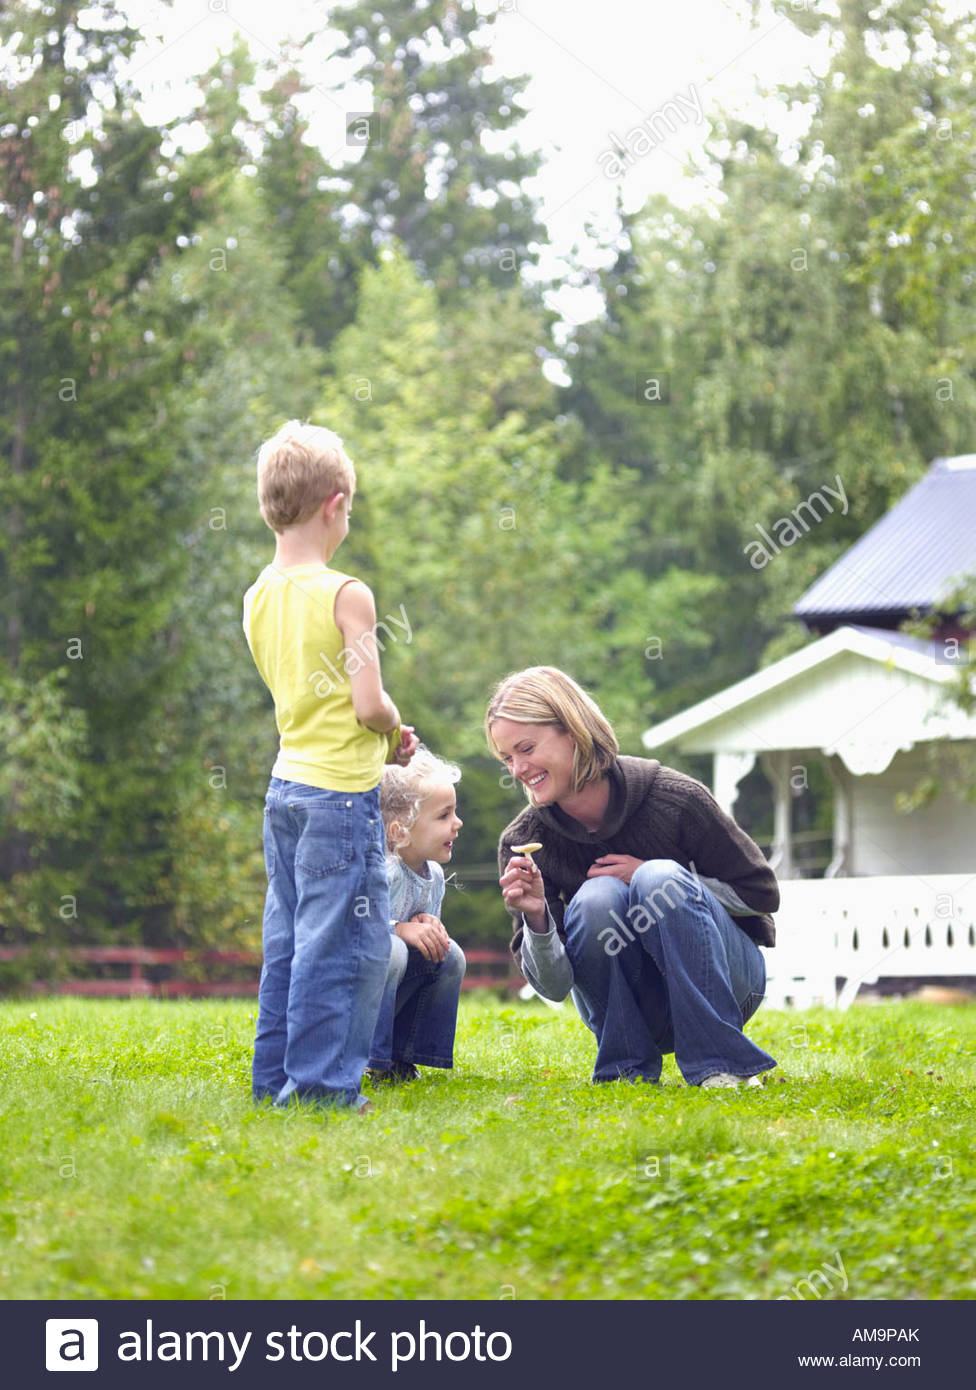 Frau mit jungen Mädchen und jungen im Garten pflücken Blumen Lächeln. Stockbild